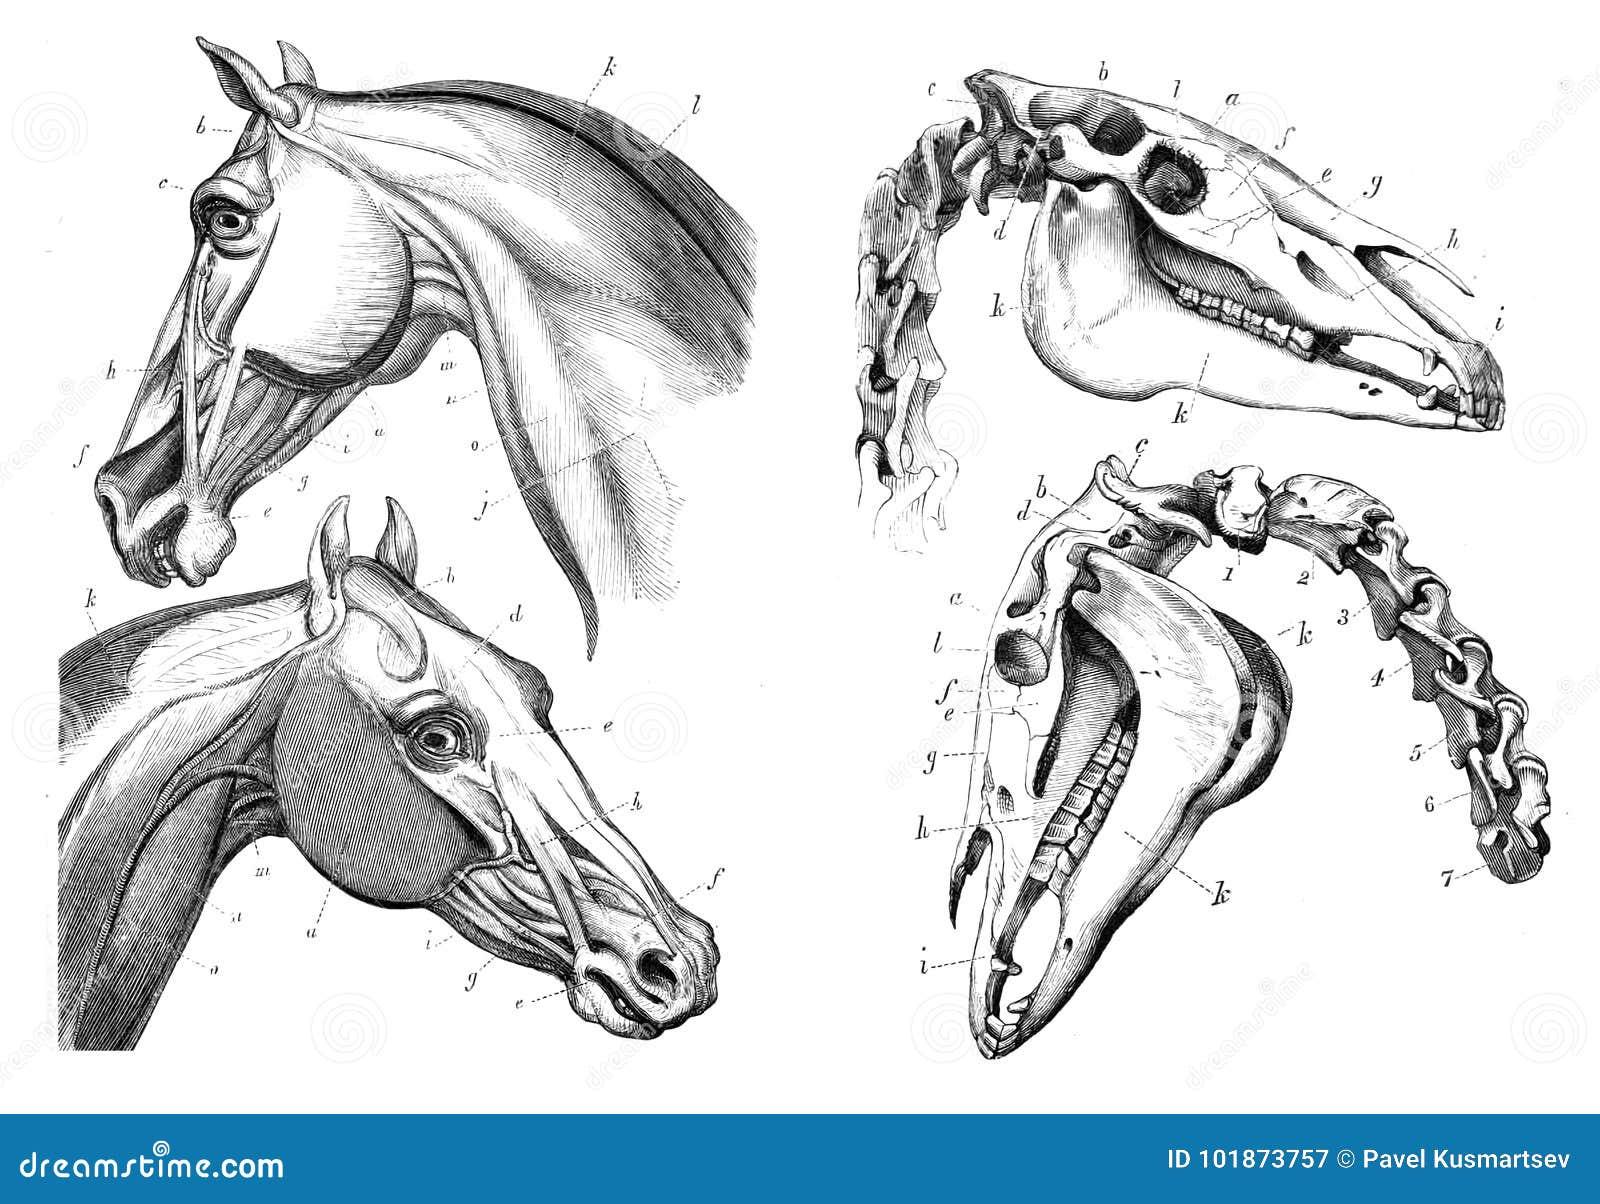 Die Anatomie des Pferds stock abbildung. Illustration von säugetier ...